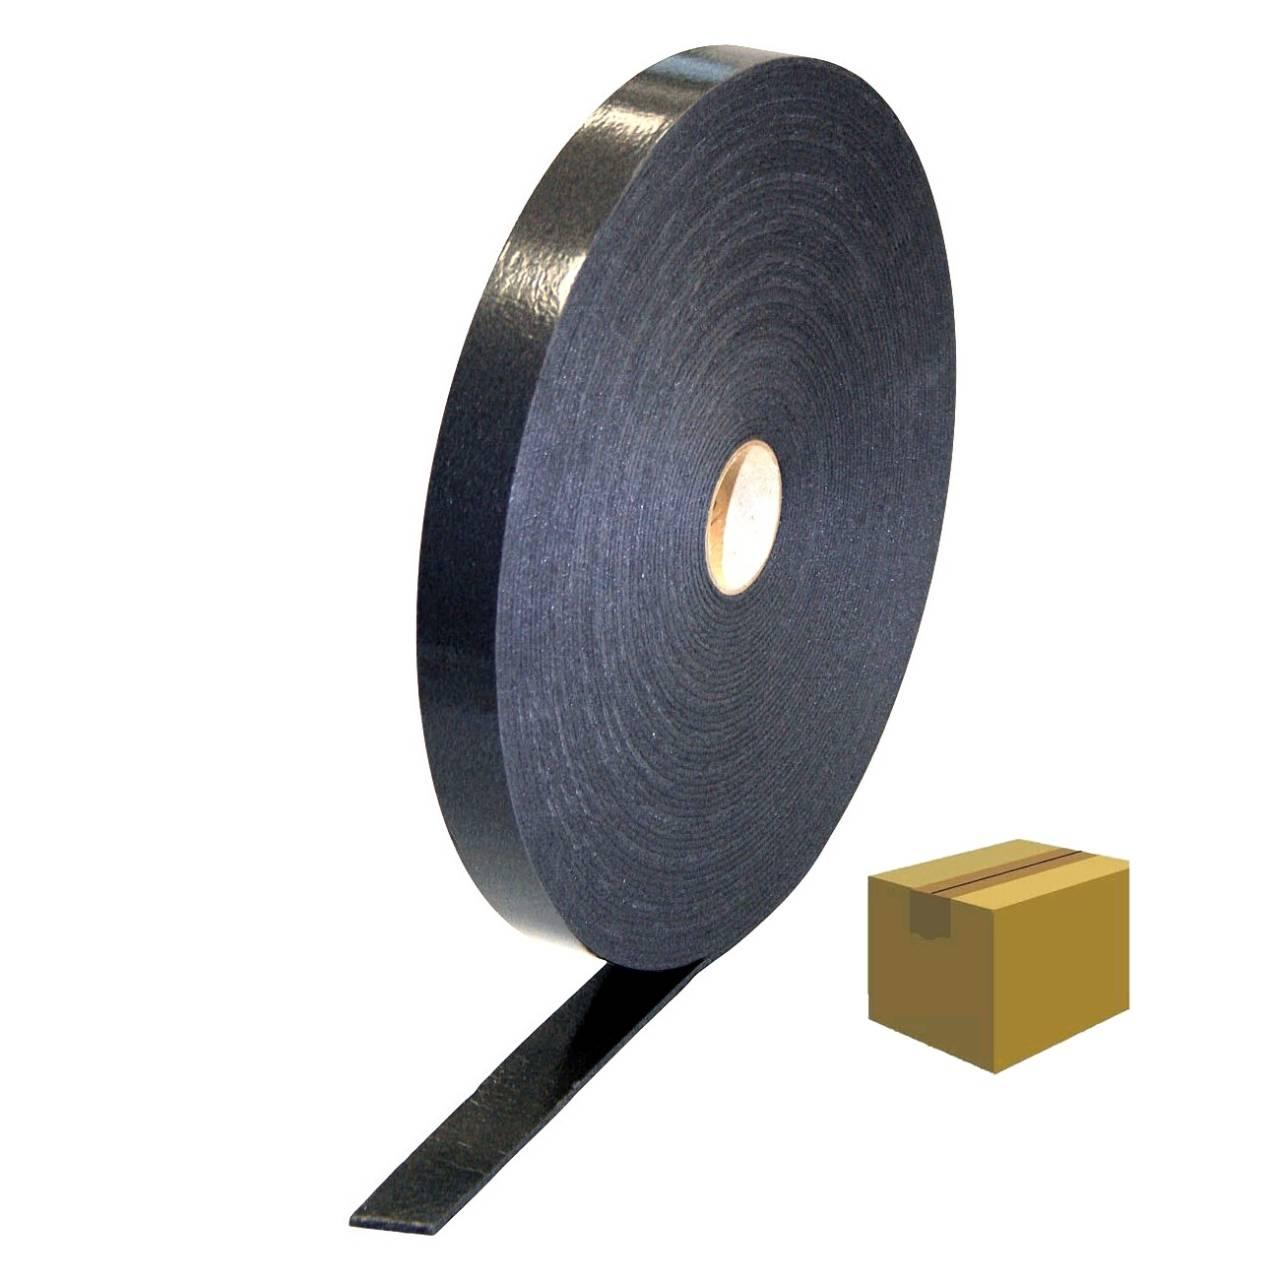 Nageldichtband-610 48 x 3 mm x 30 m / Krt a 12 Rollen